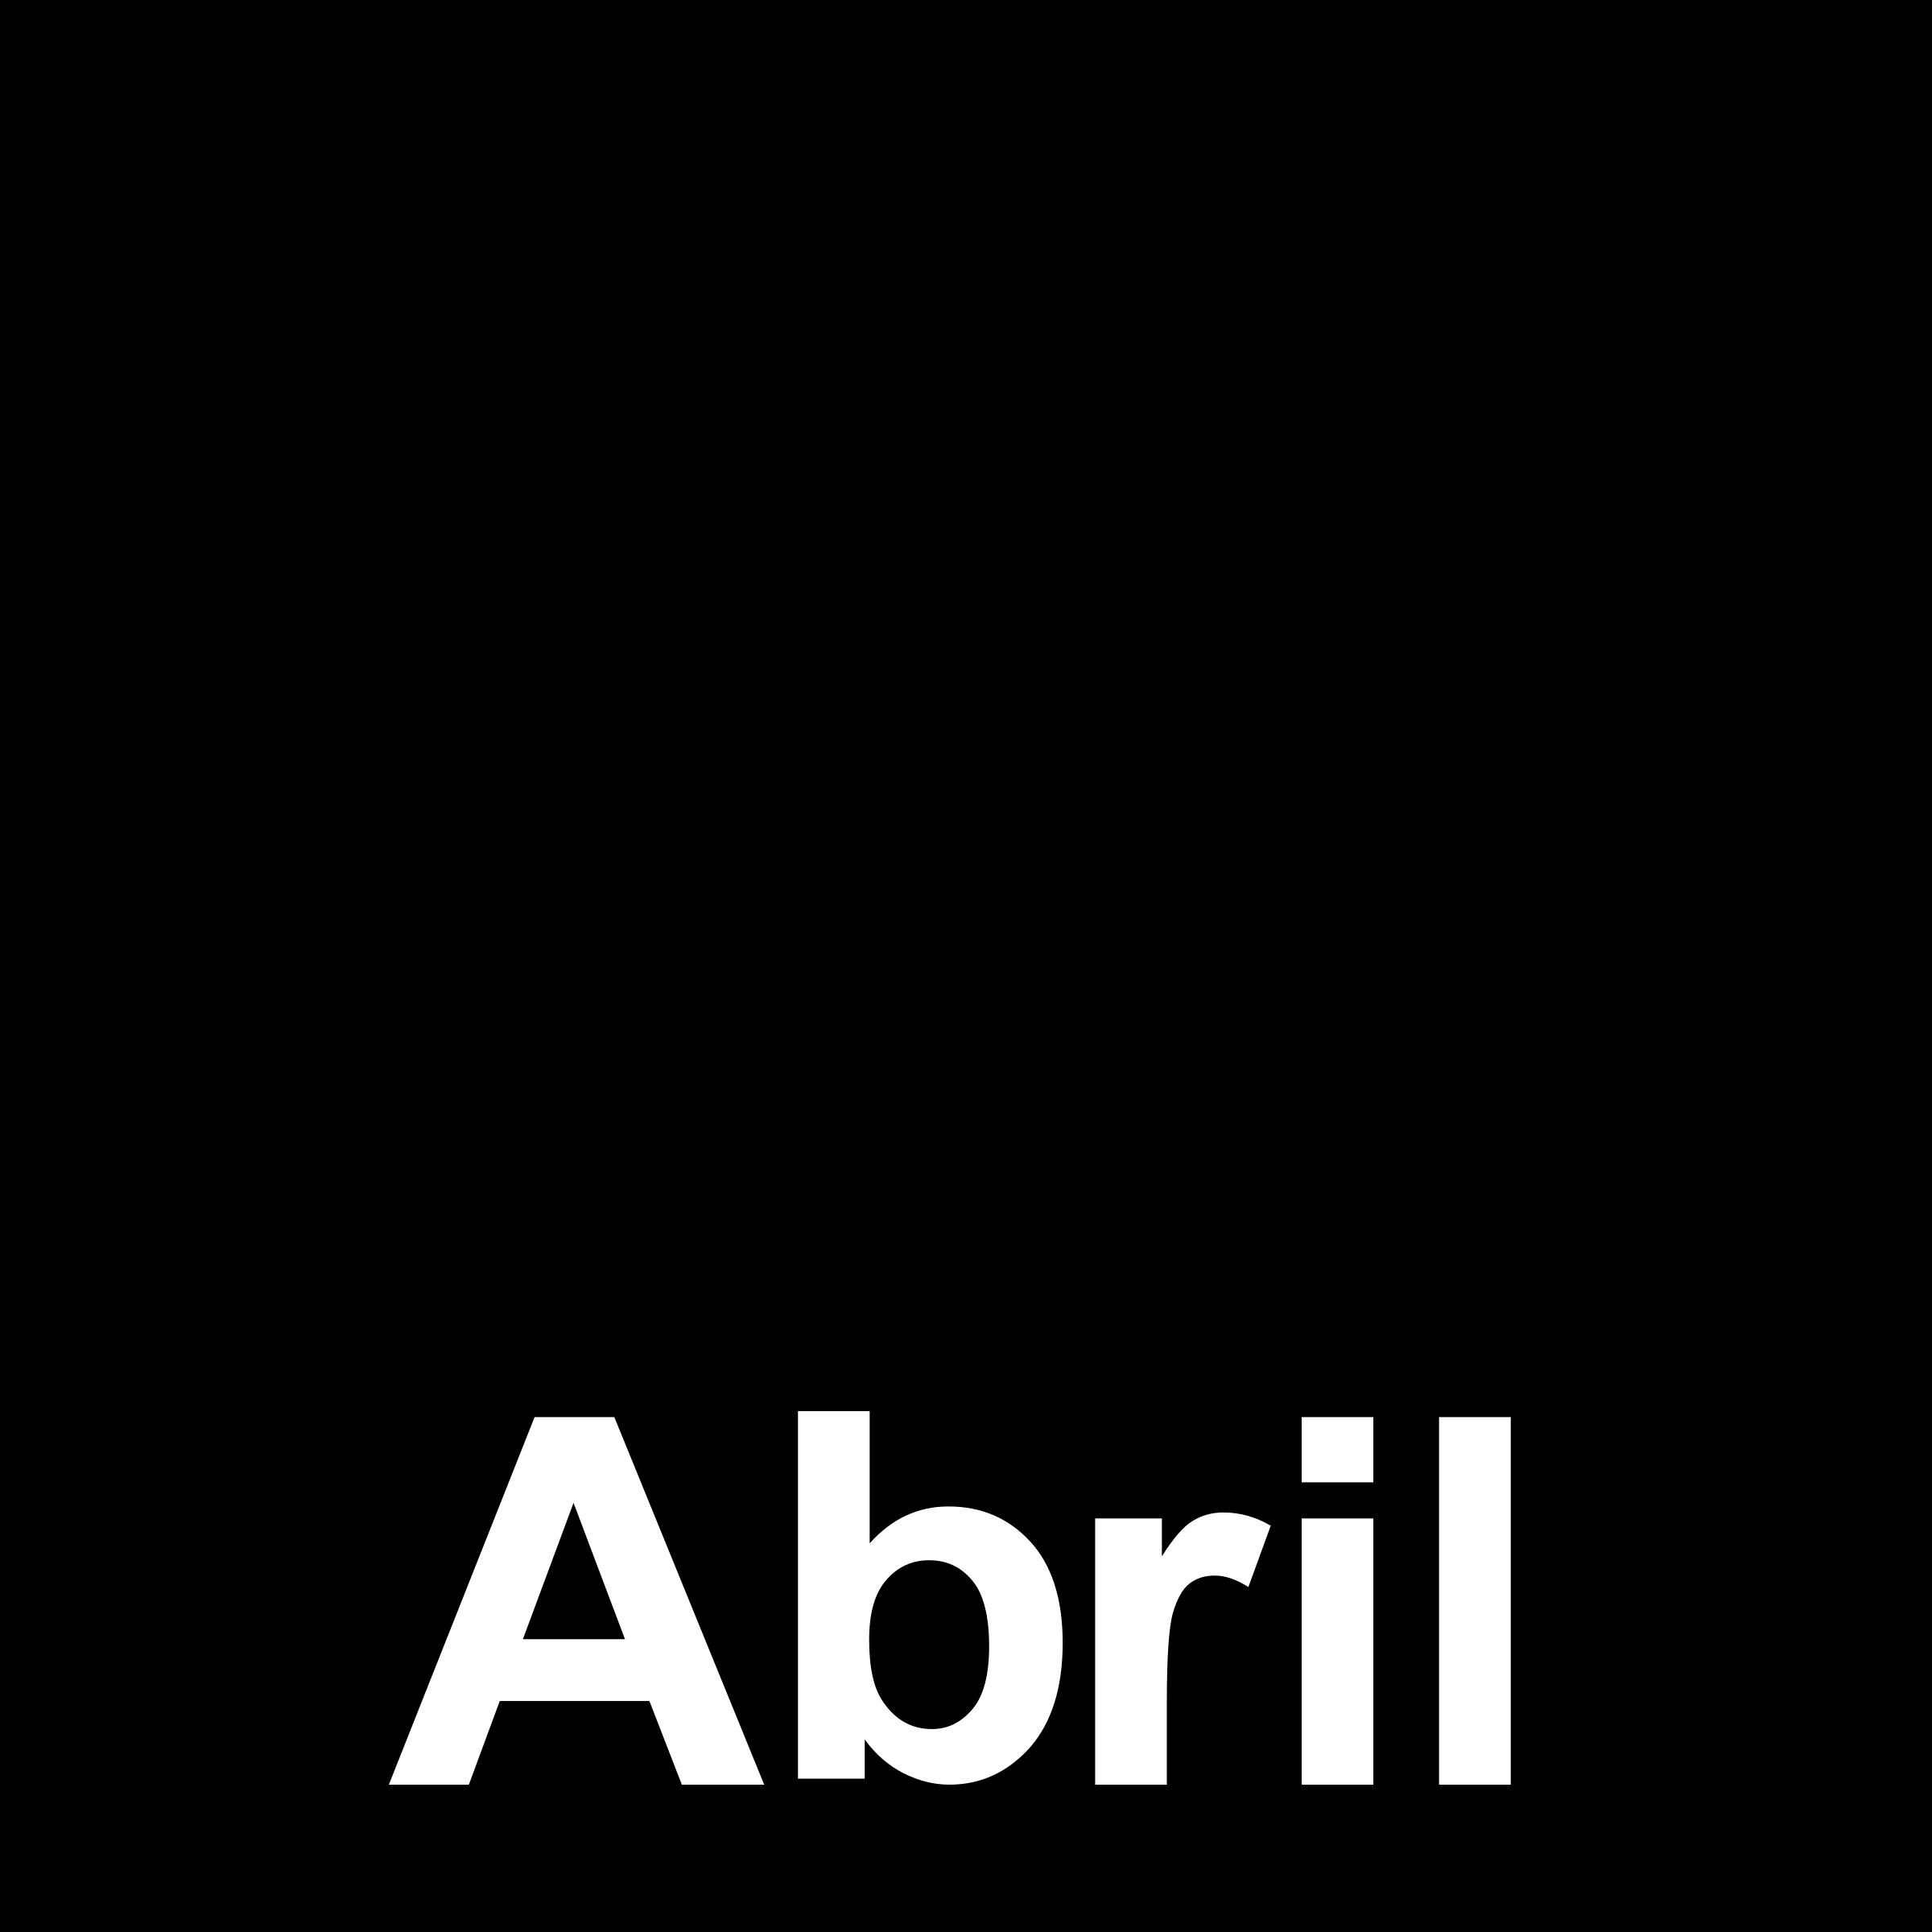 Logo editora abril png 7 » PNG Image.